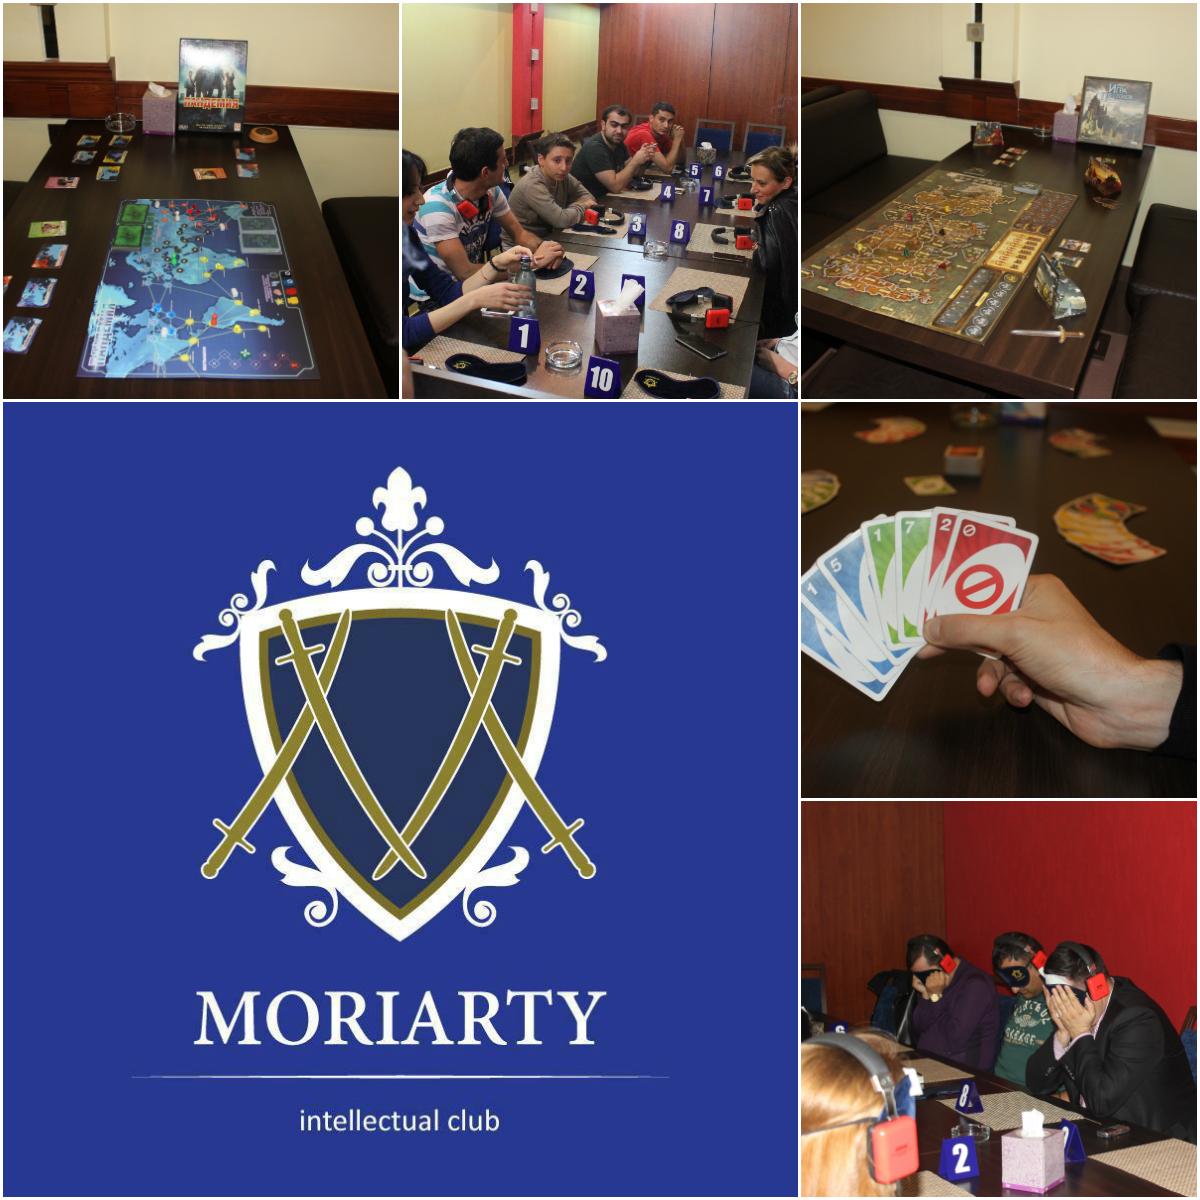 Երևանյան ժամանցը համալրվել է Moriarty ինտելեկտուալ ակումբով (լուսանկարներ)